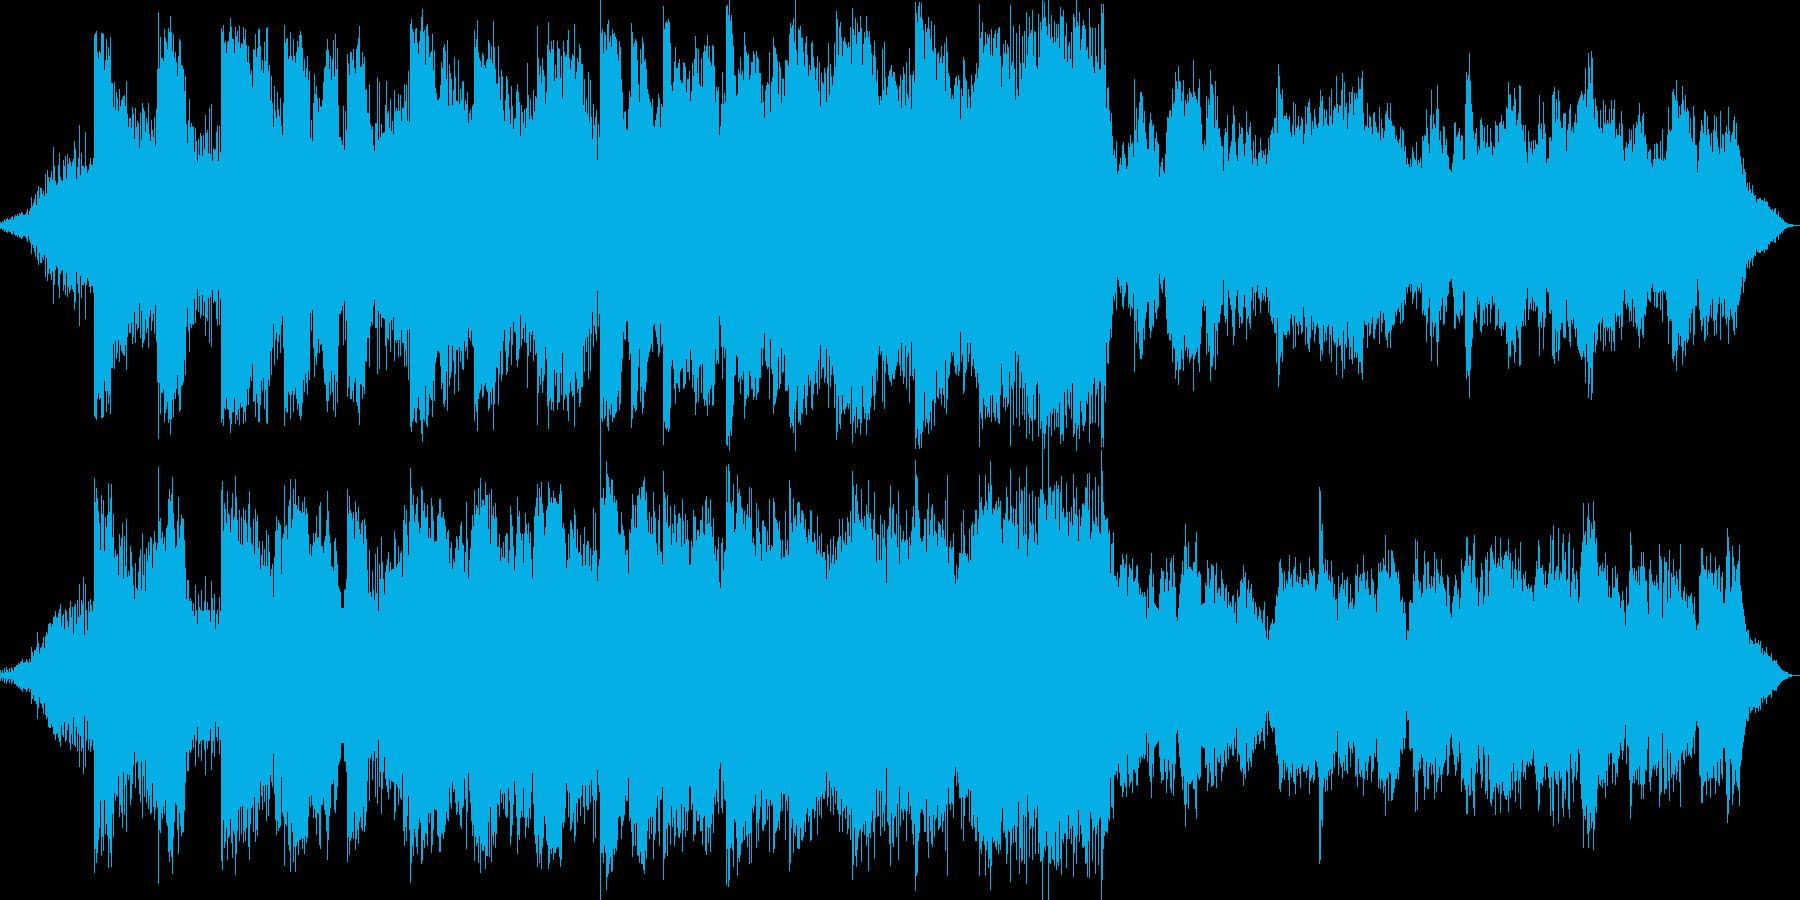 雪原を走る狼の群れをイメージした曲の再生済みの波形